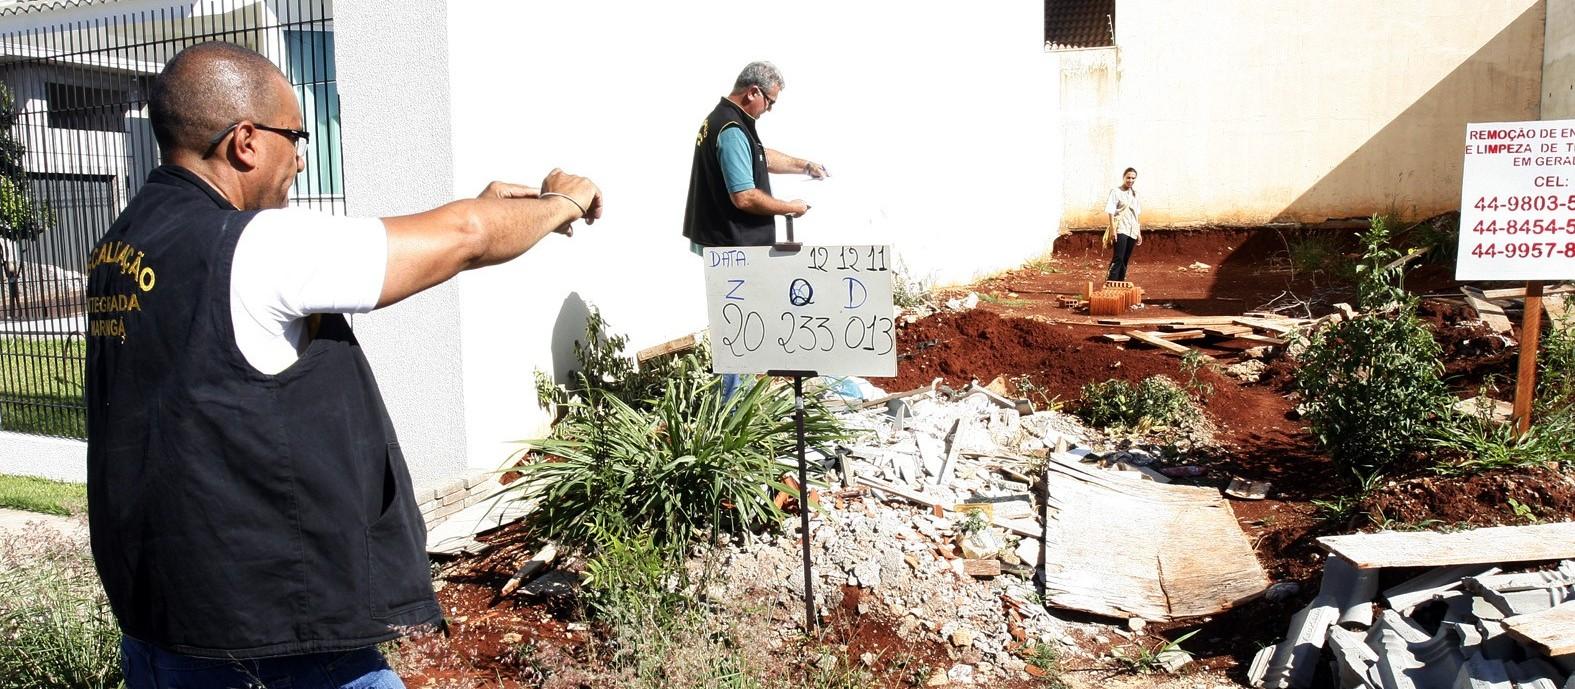 Vereador altera lei que nunca foi regulamentada em Maringá